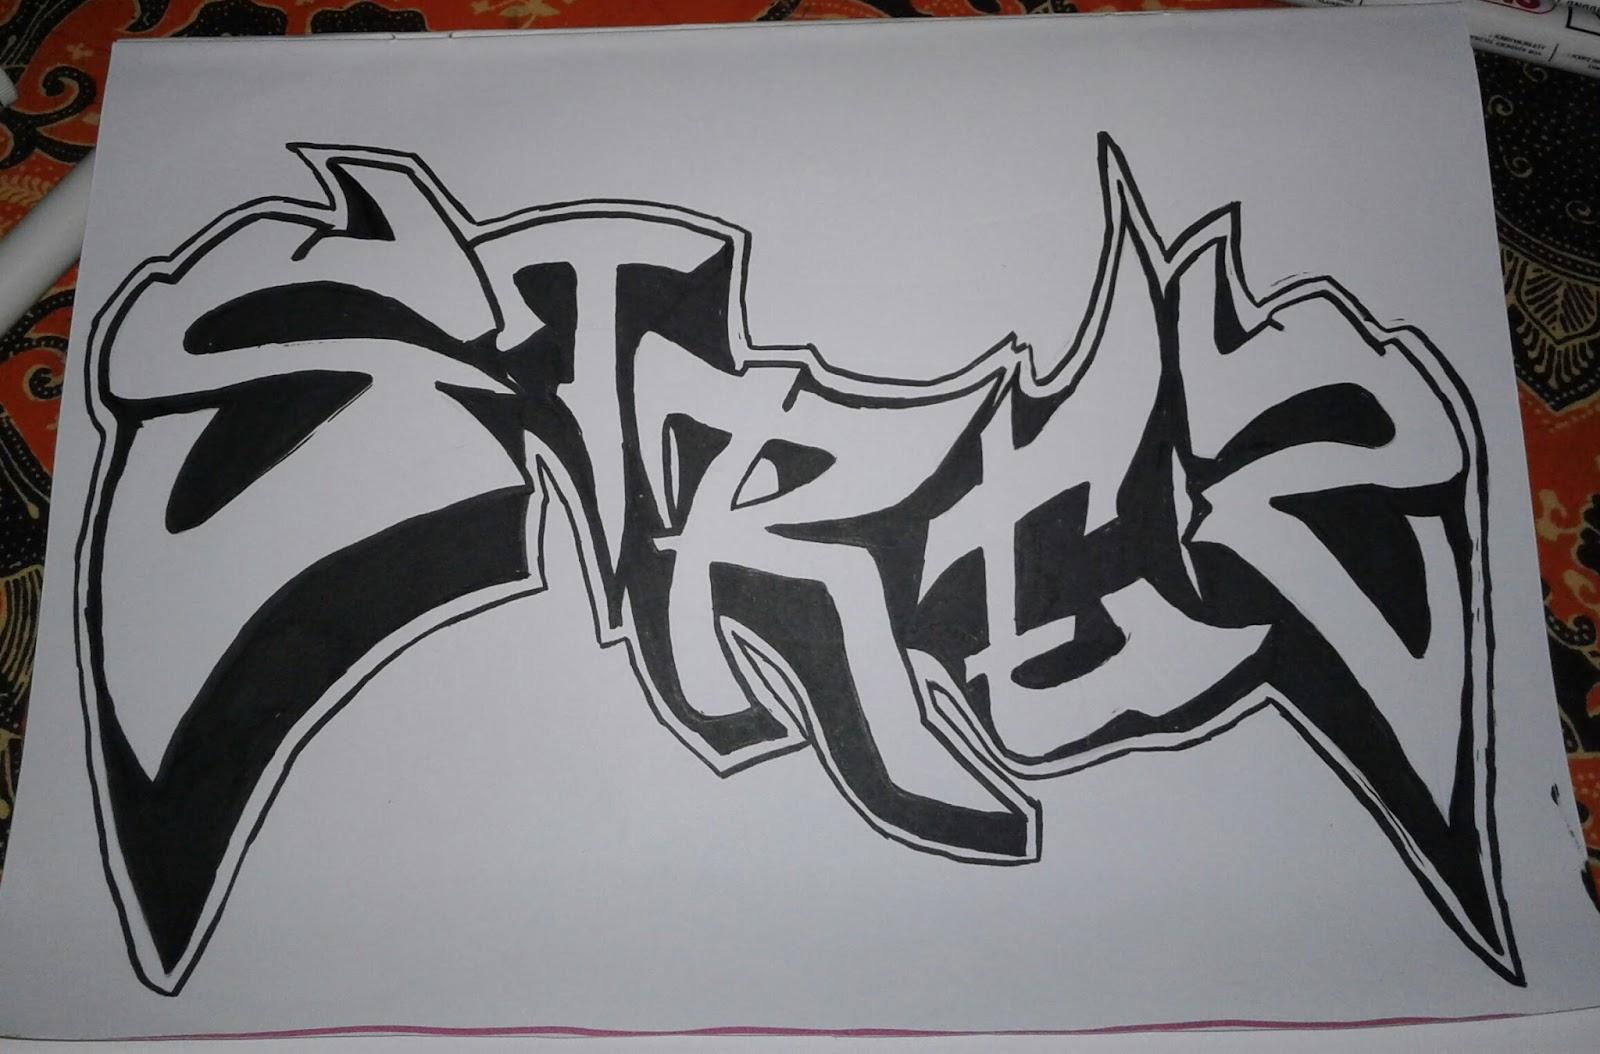 80 Koleksi Gambar Grafiti Simple Pake Pensil Gratis Terbaru